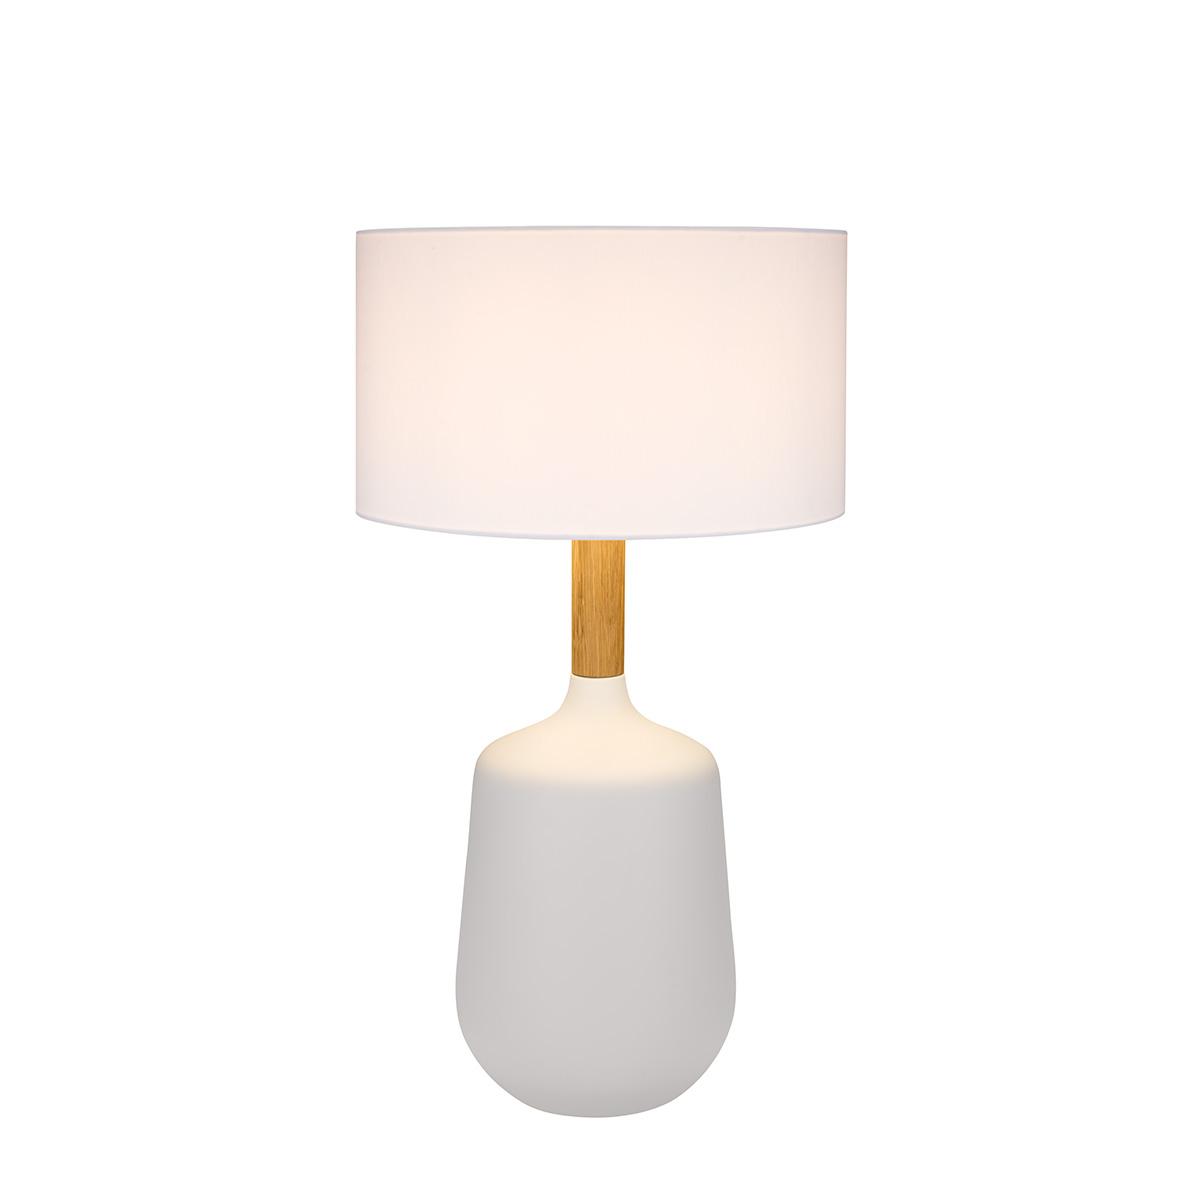 Επιτραπέζια κεραμική λάμπα DUO ceramic table lamp